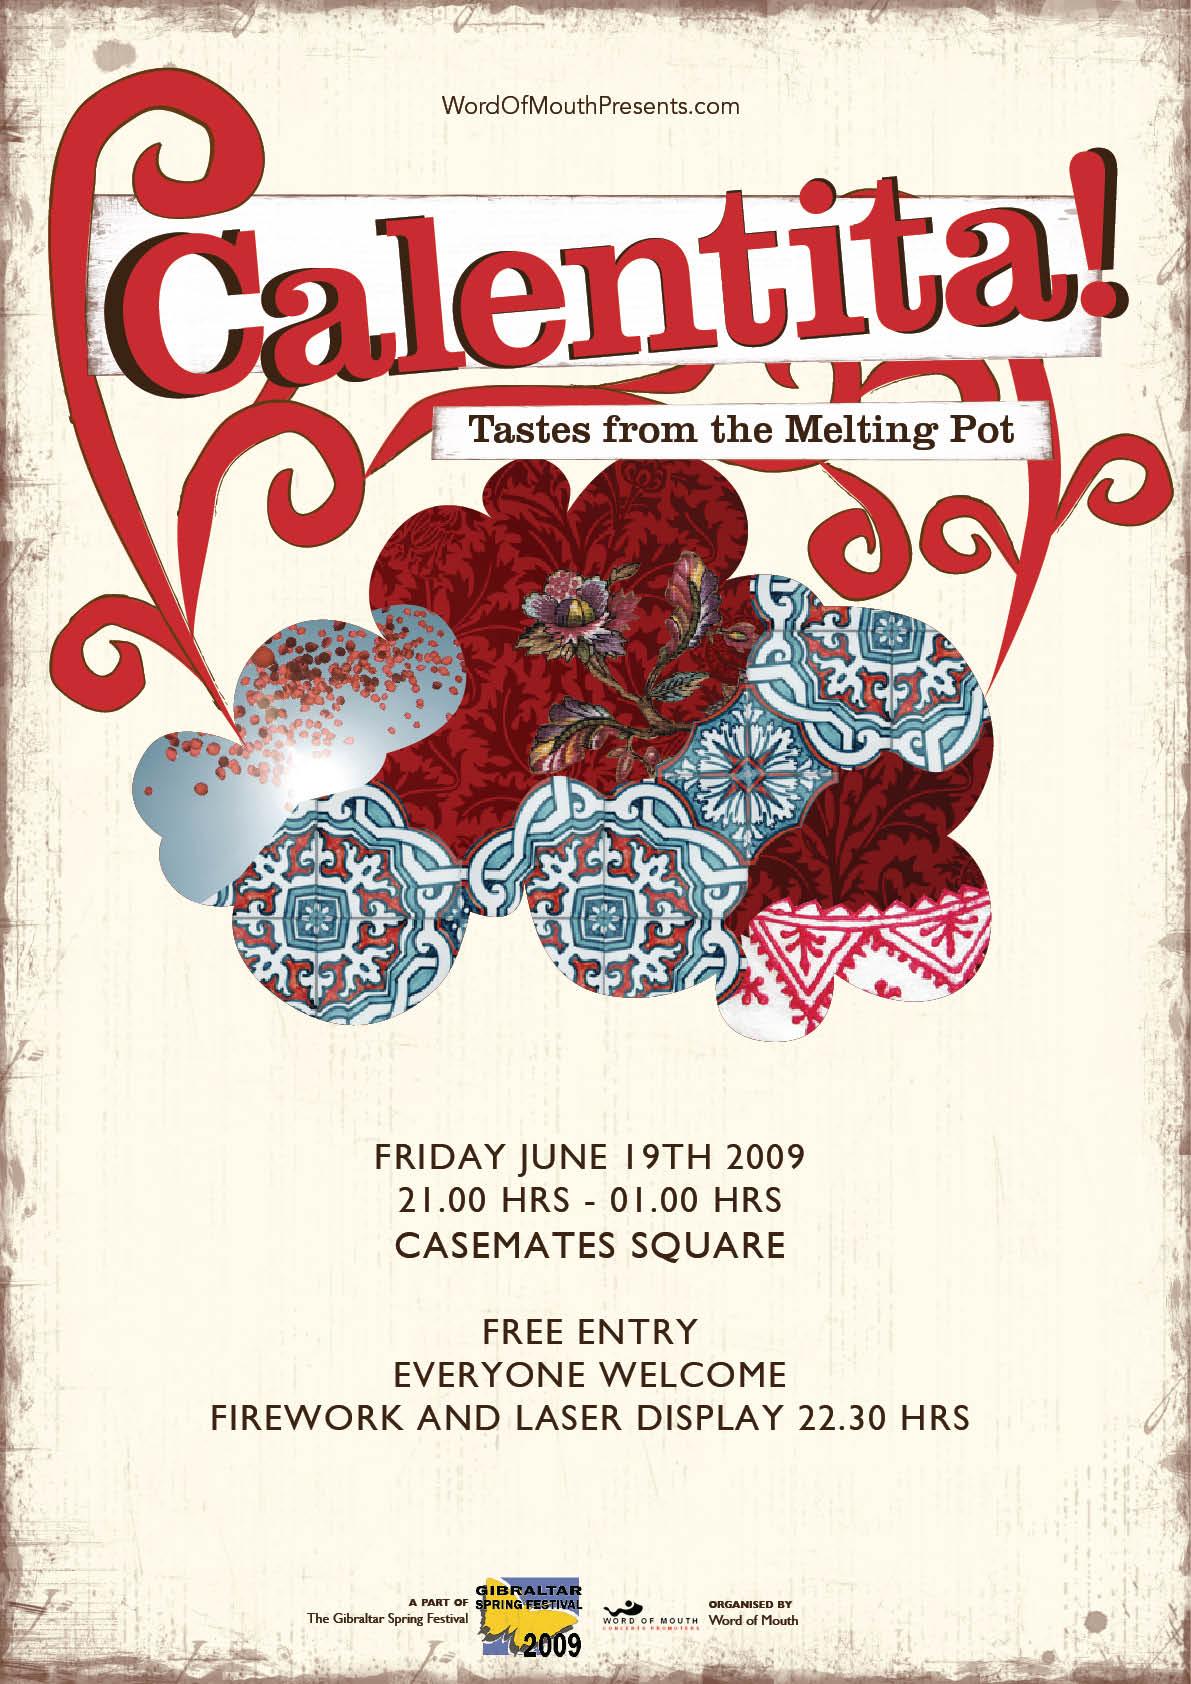 Poster Design by Mei for Calentita! Poster - Design #11433